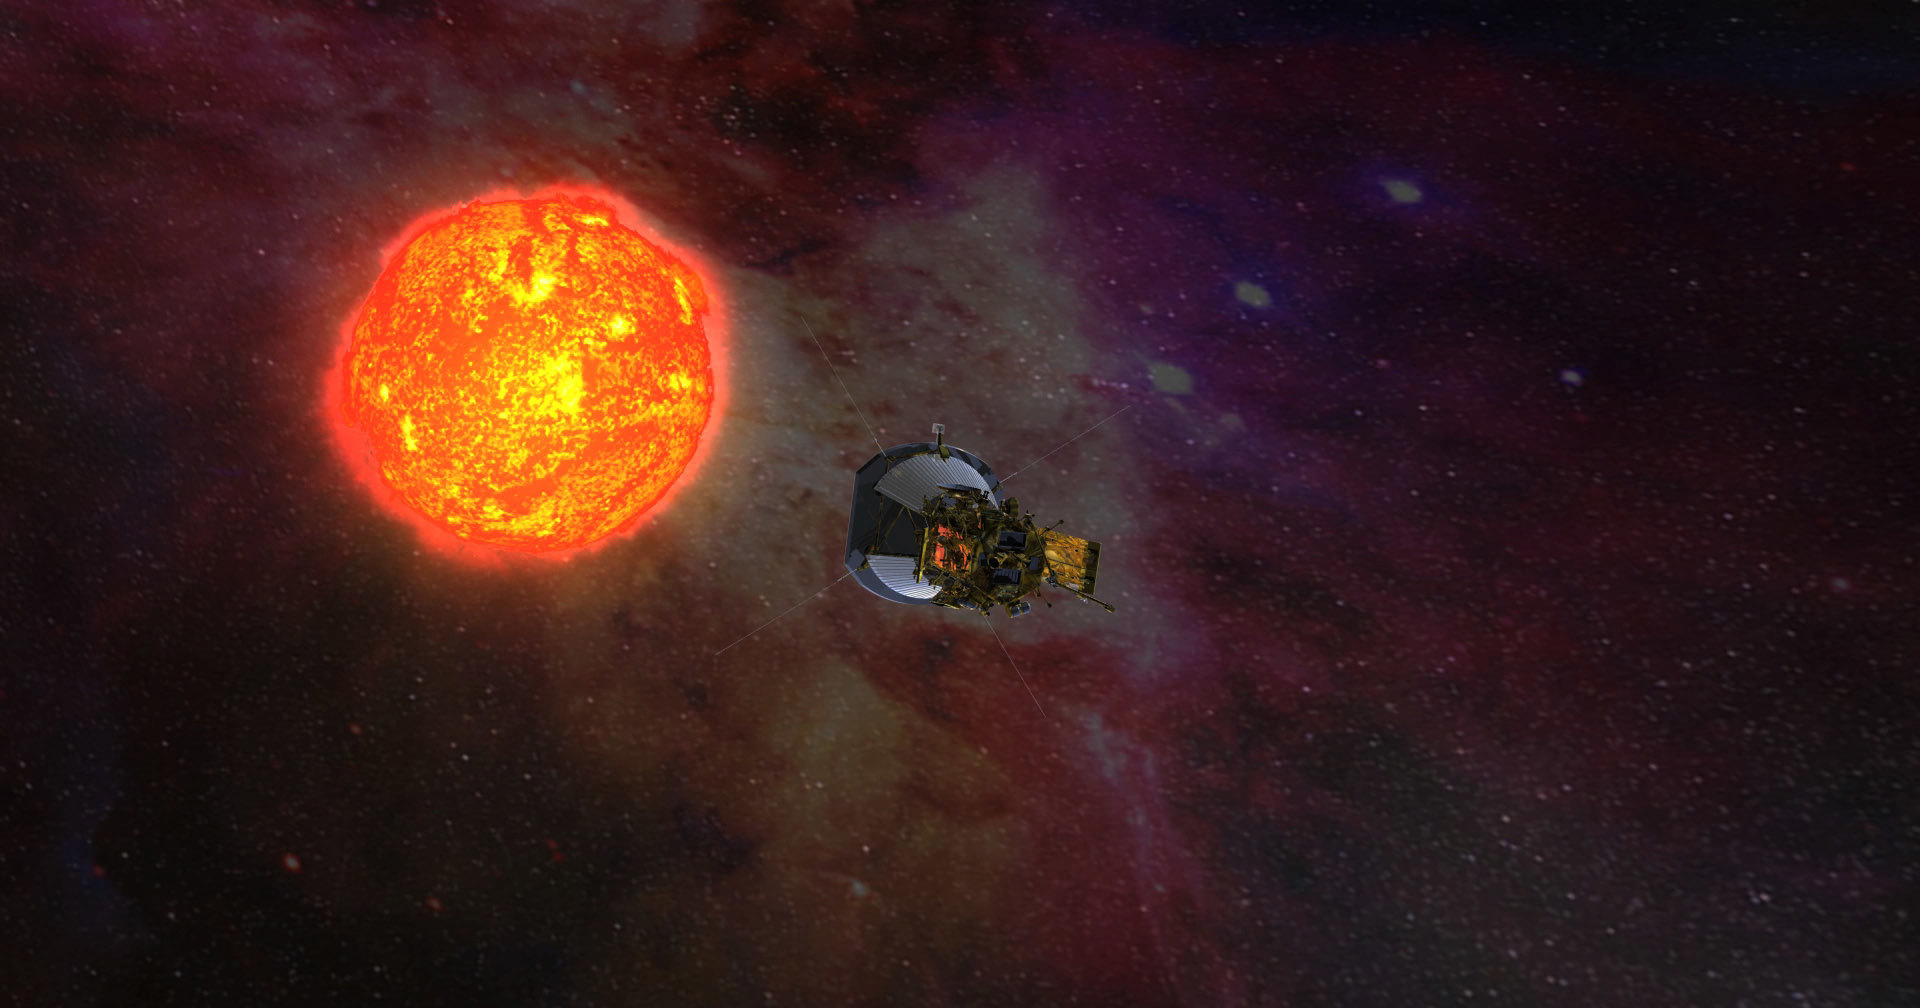 Солнечный зонд «Паркер» прислал снимок Земли